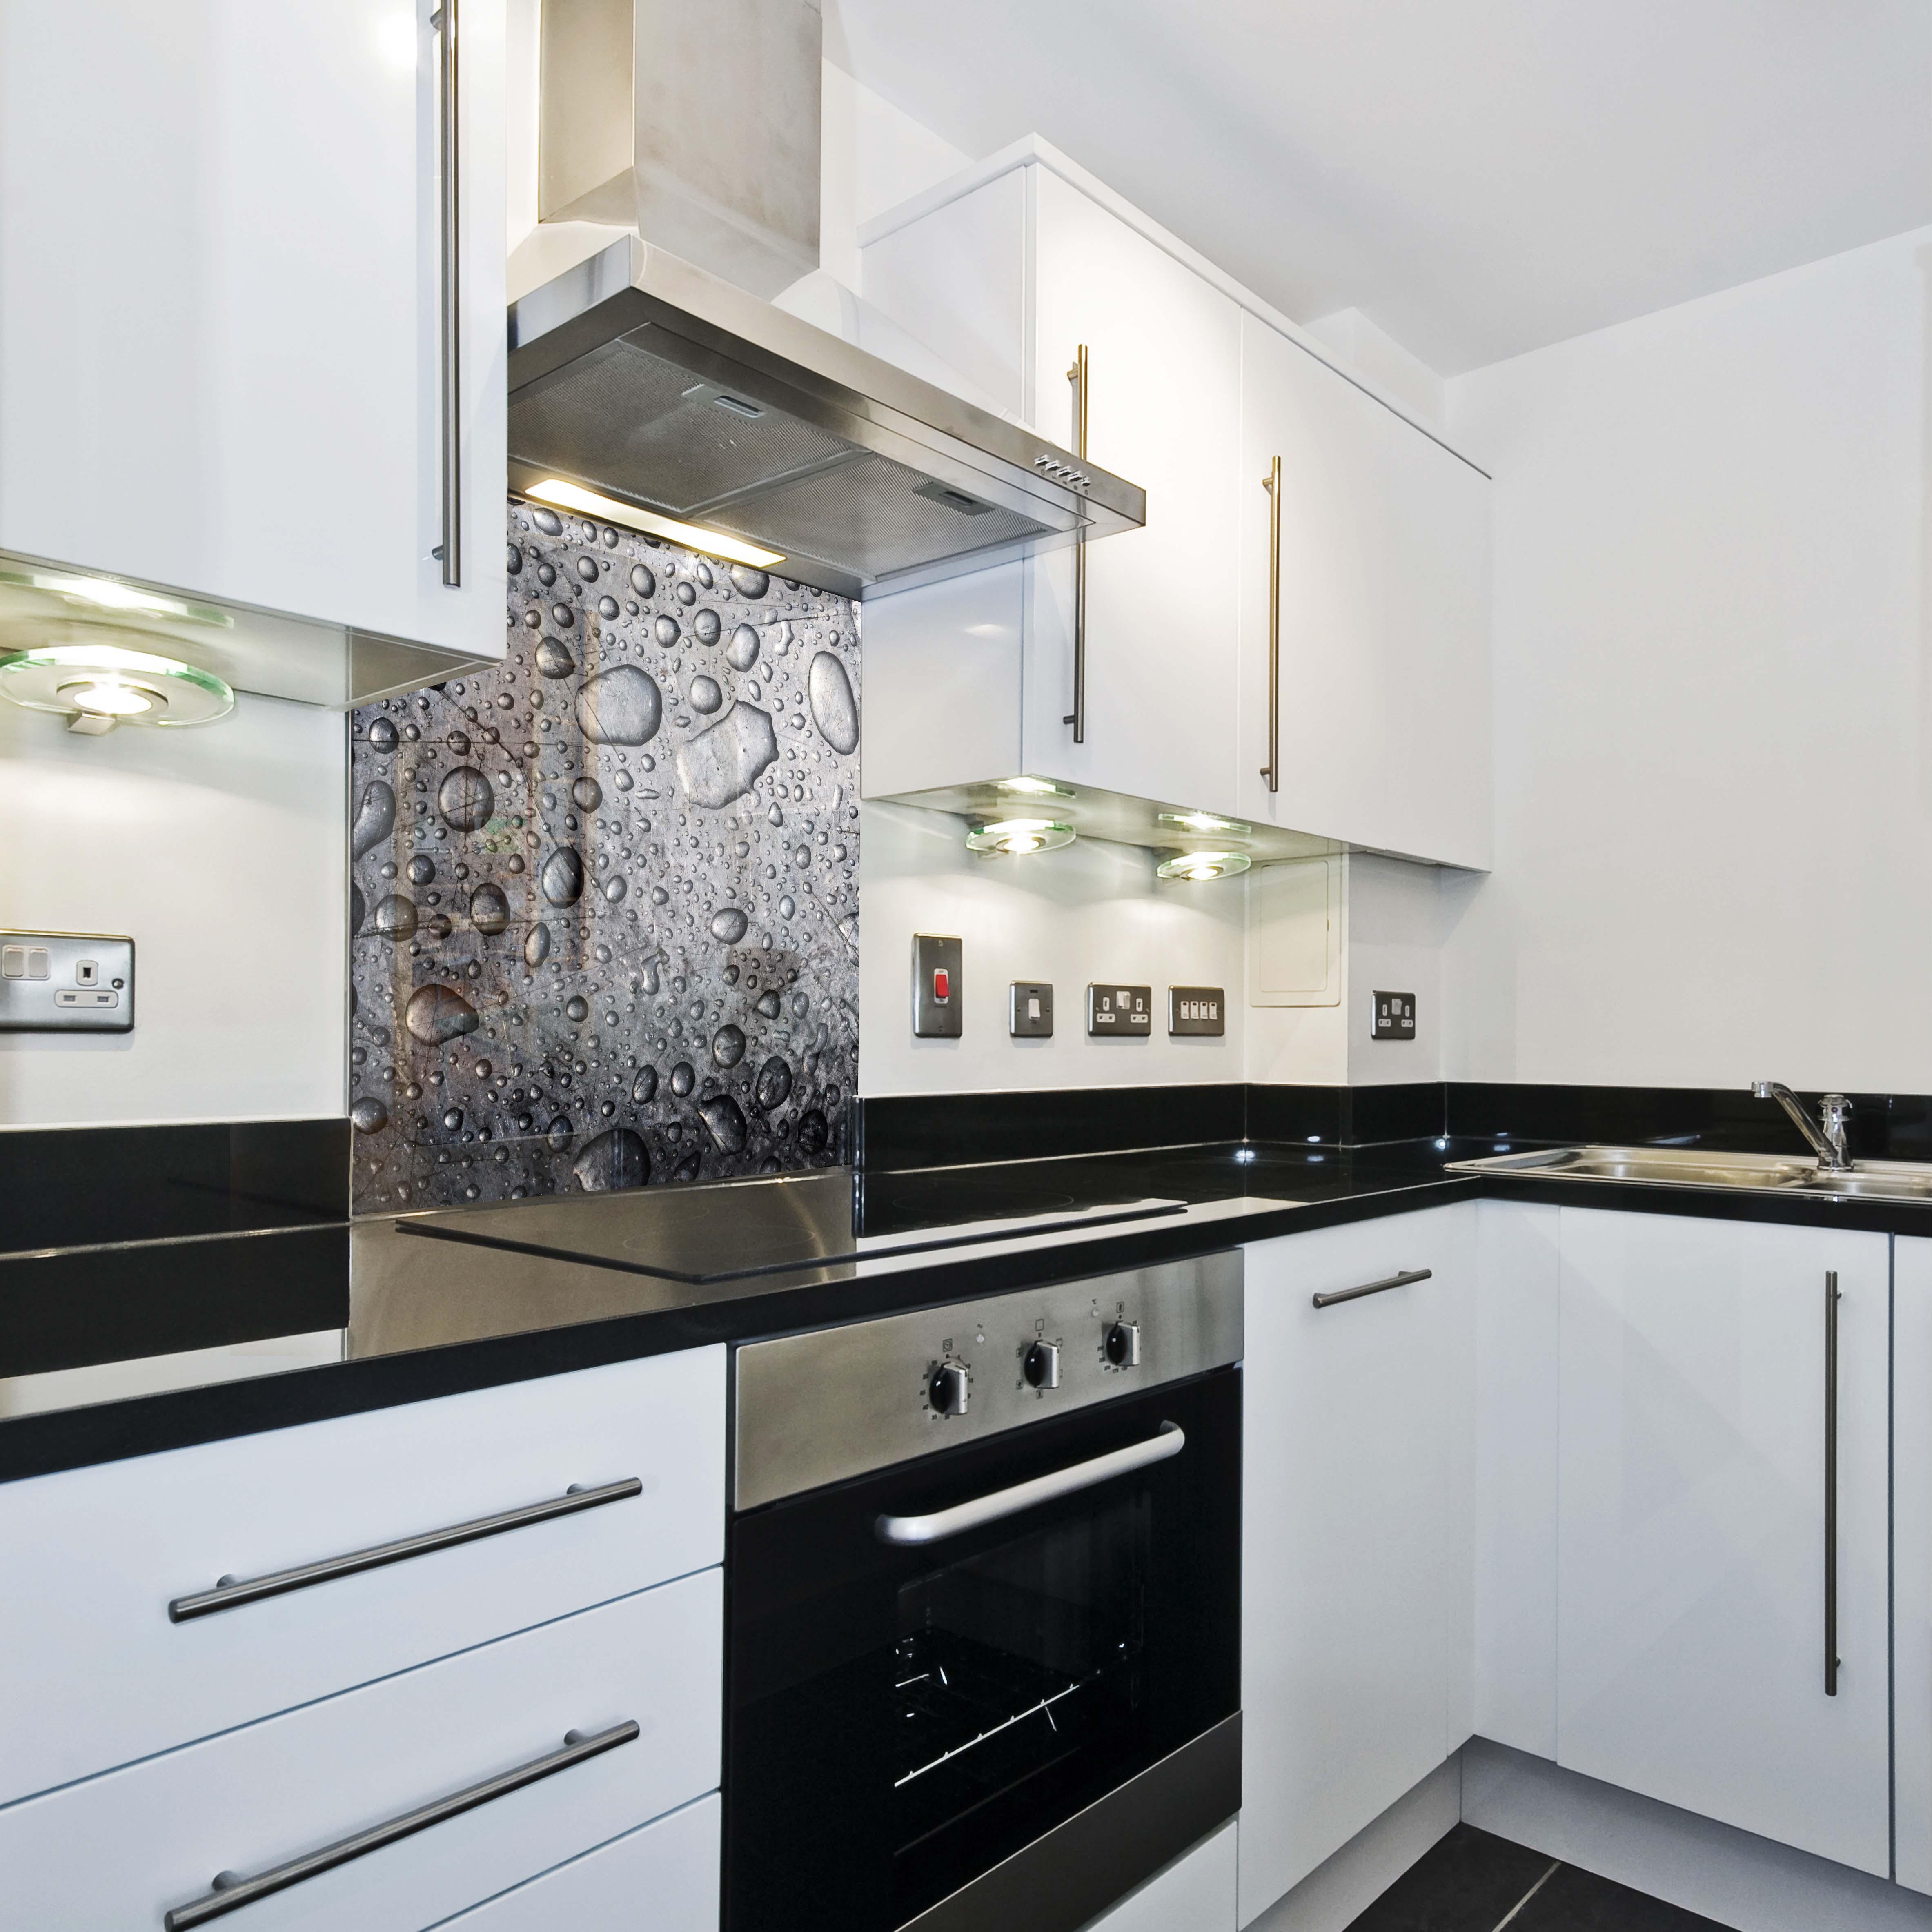 k chenr ckwand spritzschutz k che geh rtetes glas r ckwand tropfen wasser grau ebay. Black Bedroom Furniture Sets. Home Design Ideas